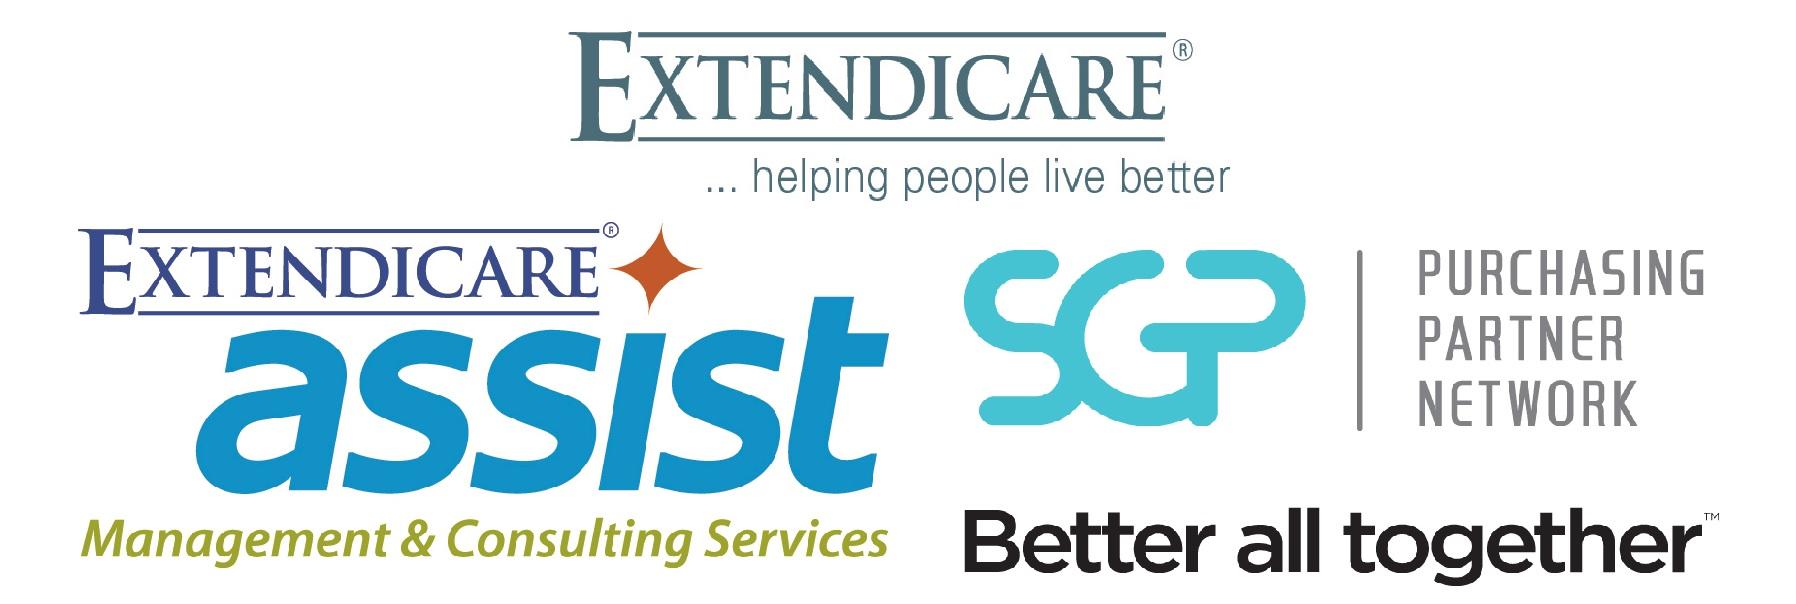 Extendicare SGP Logo.jpg